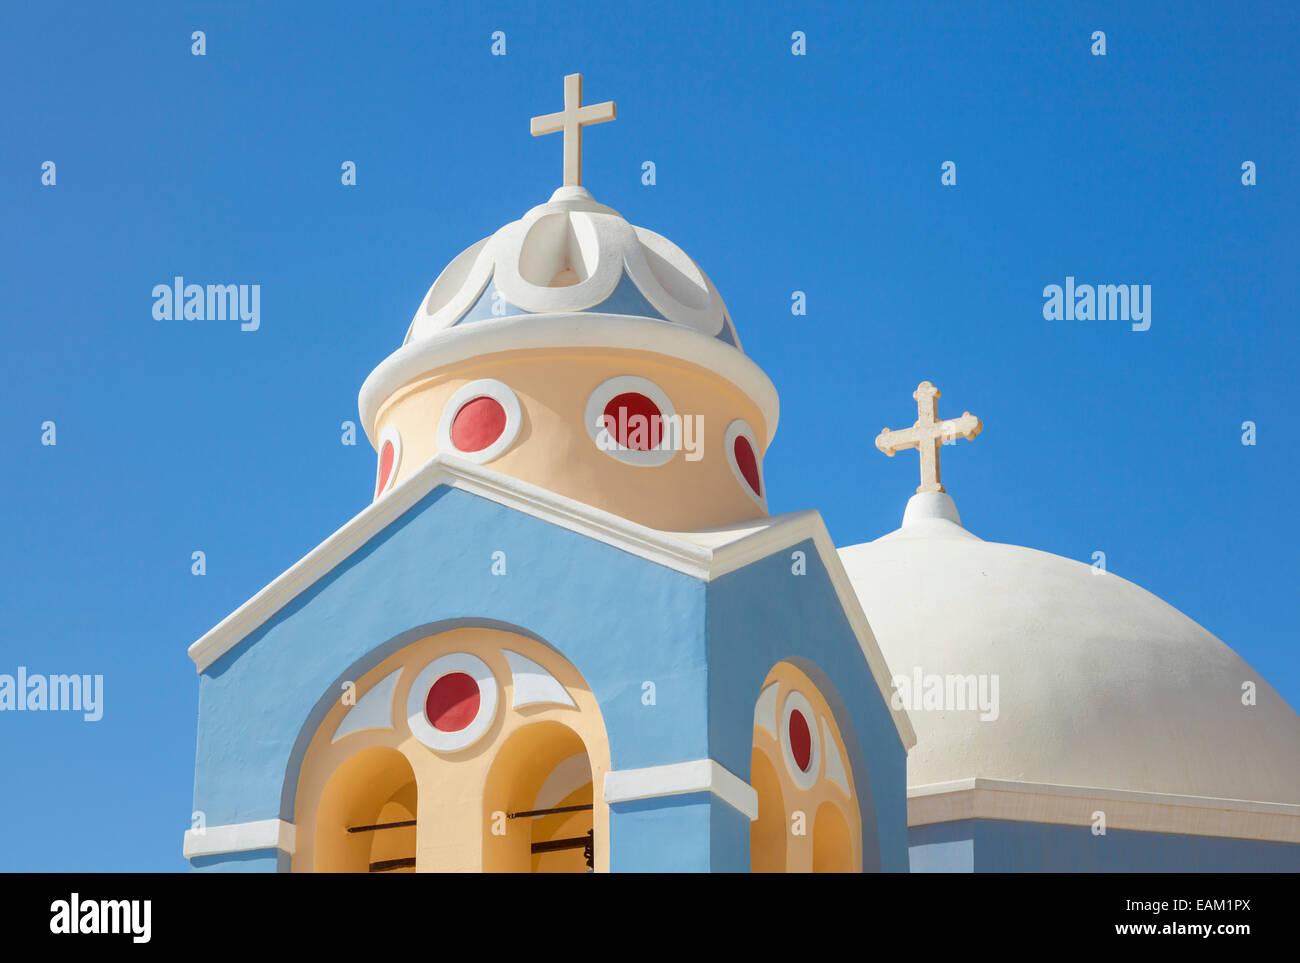 Katholische Kirche St. Stylianos, Fira, Santorini, Thira, Cyclades Inseln, Ägäis, Griechenland, EU, Europa Stockbild